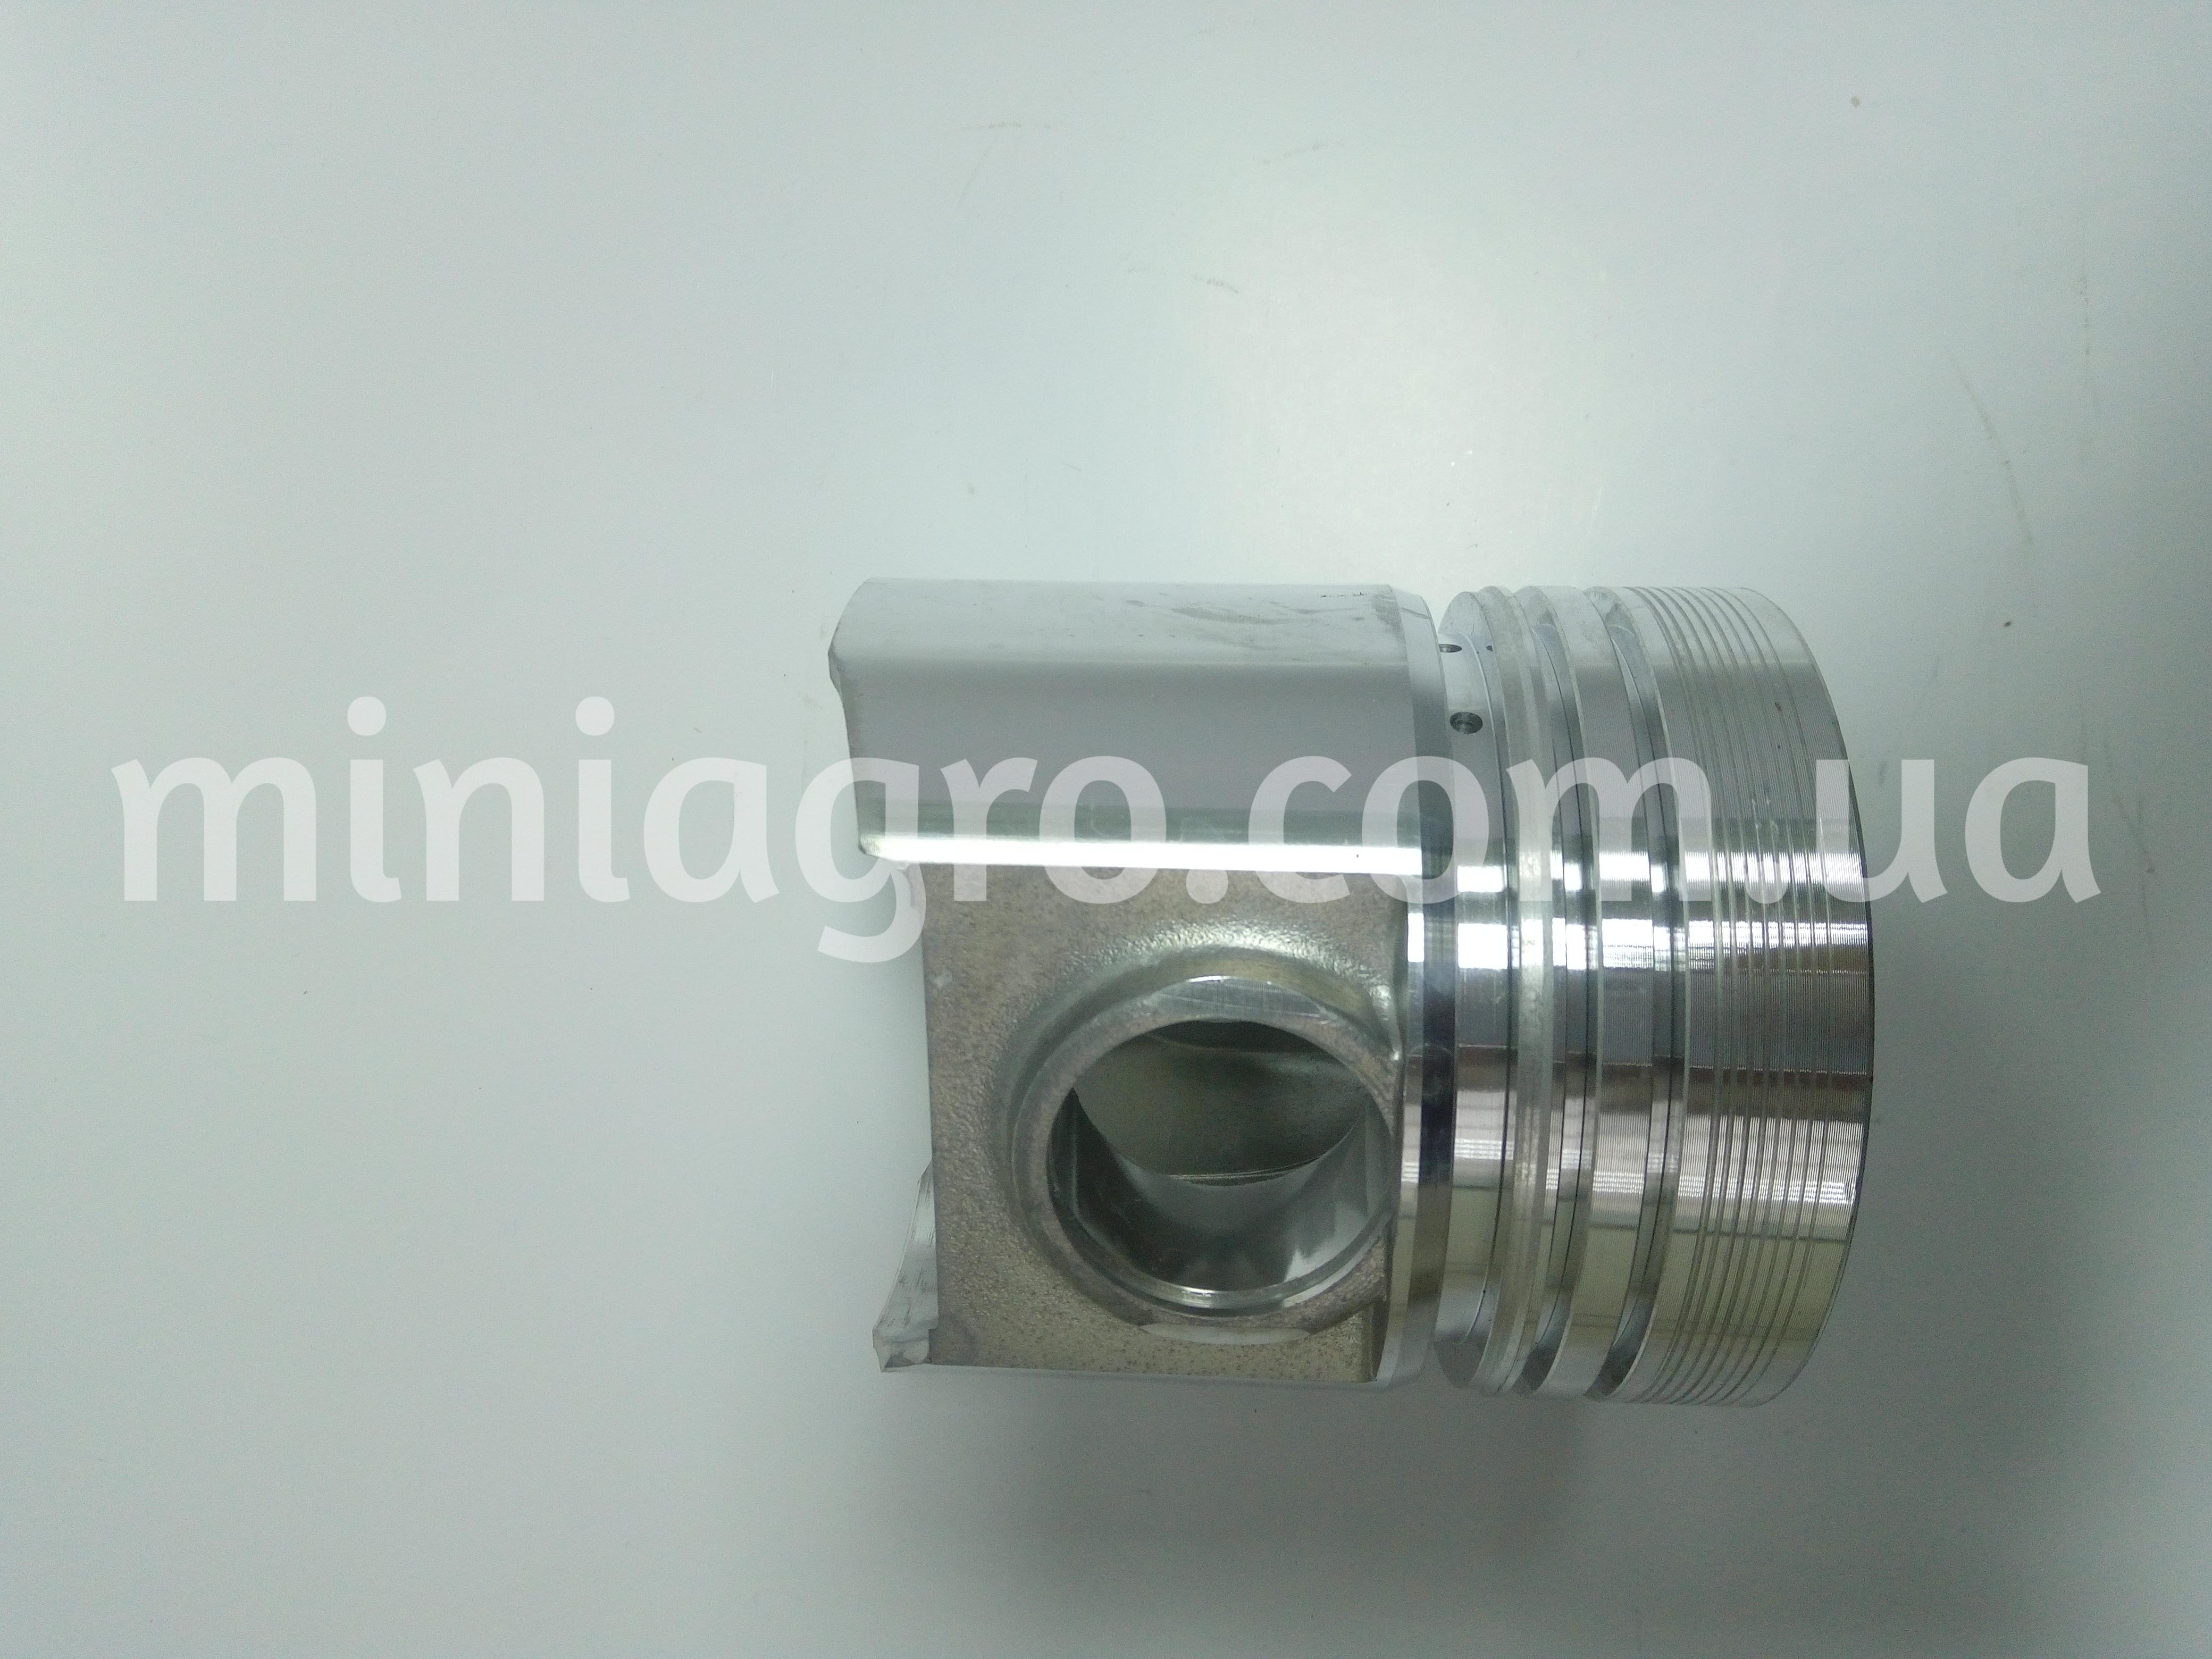 Поршень двигателя TY290 для мототрактора ХТ180